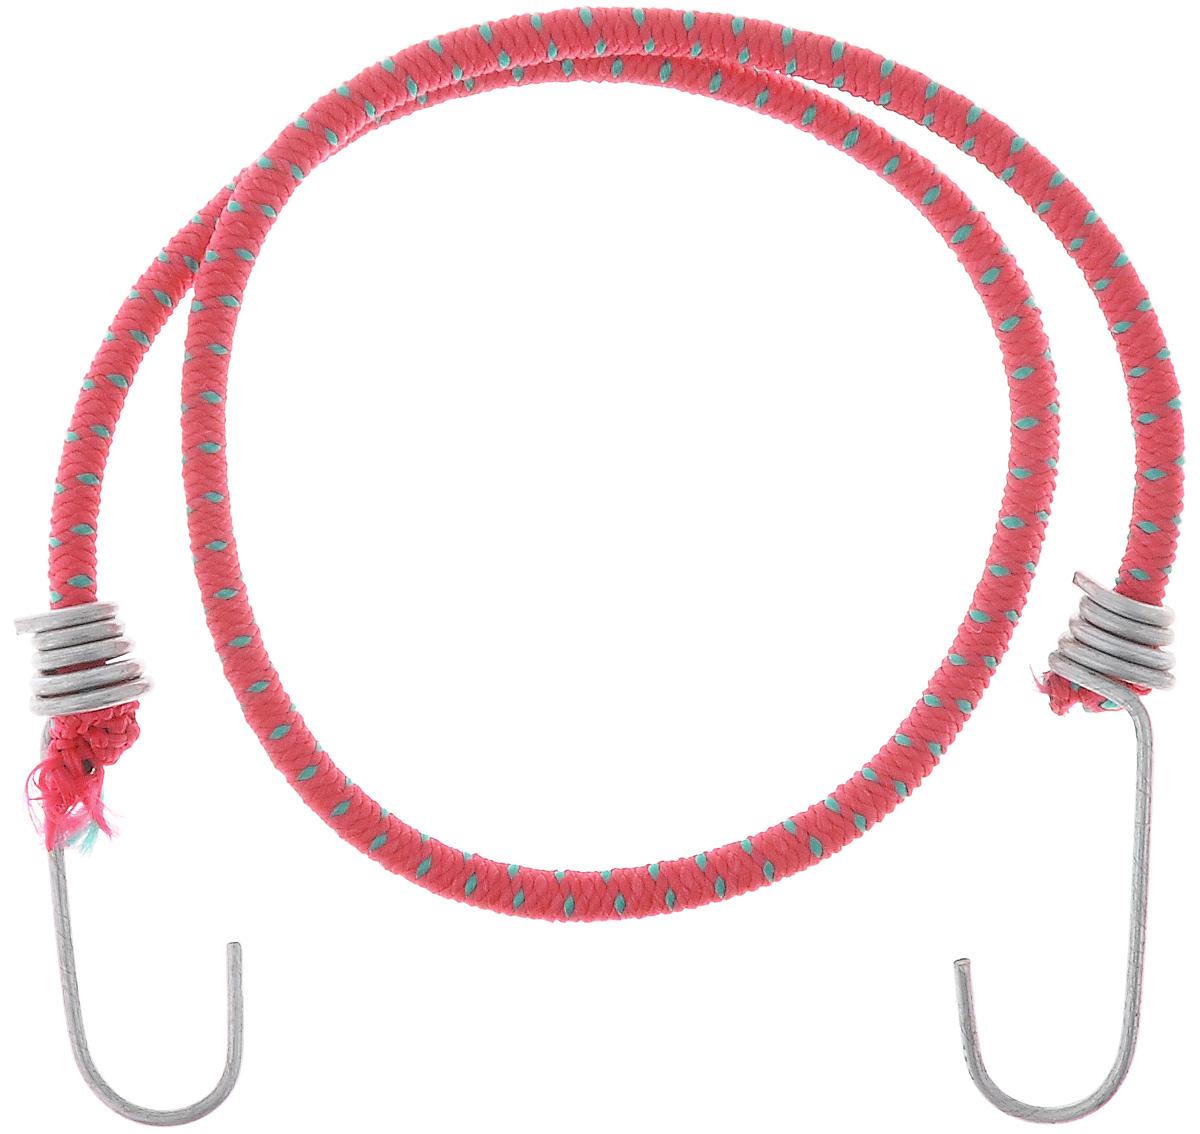 Резинка багажная МастерПроф, с крючками, цвет: красный, зеленый, 0,6 х 80 см. АС.02002143661Багажная резинка МастерПроф, выполненная из синтетического каучука, оснащена специальными металлическими крючками, которые обеспечивают прочное крепление и не допускают смещения груза во время его перевозки. Изделие применяется для закрепления предметов к багажнику. Такая резинка позволит зафиксировать как небольшой груз, так и довольно габаритный.Материал: синтетический каучук.Температура использования: -15°C до +50°C.Безопасное удлинение: 60%.Диаметр резинки: 0,6 см.Длина резинки: 80 см.